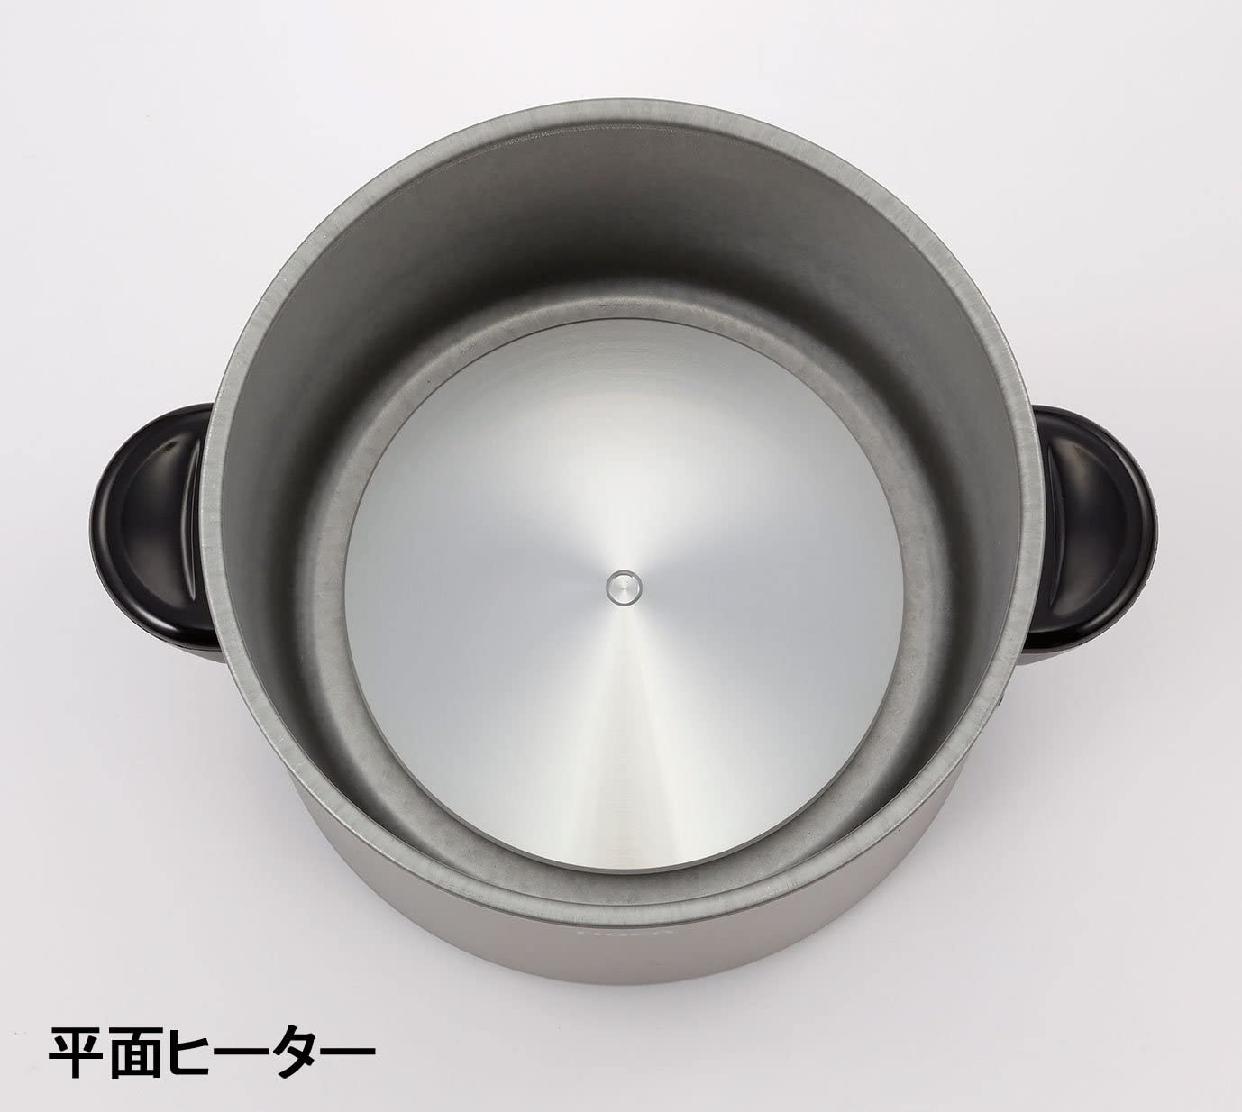 ハヤアゲ 電気フライヤー CFE-A100-Tの商品画像4